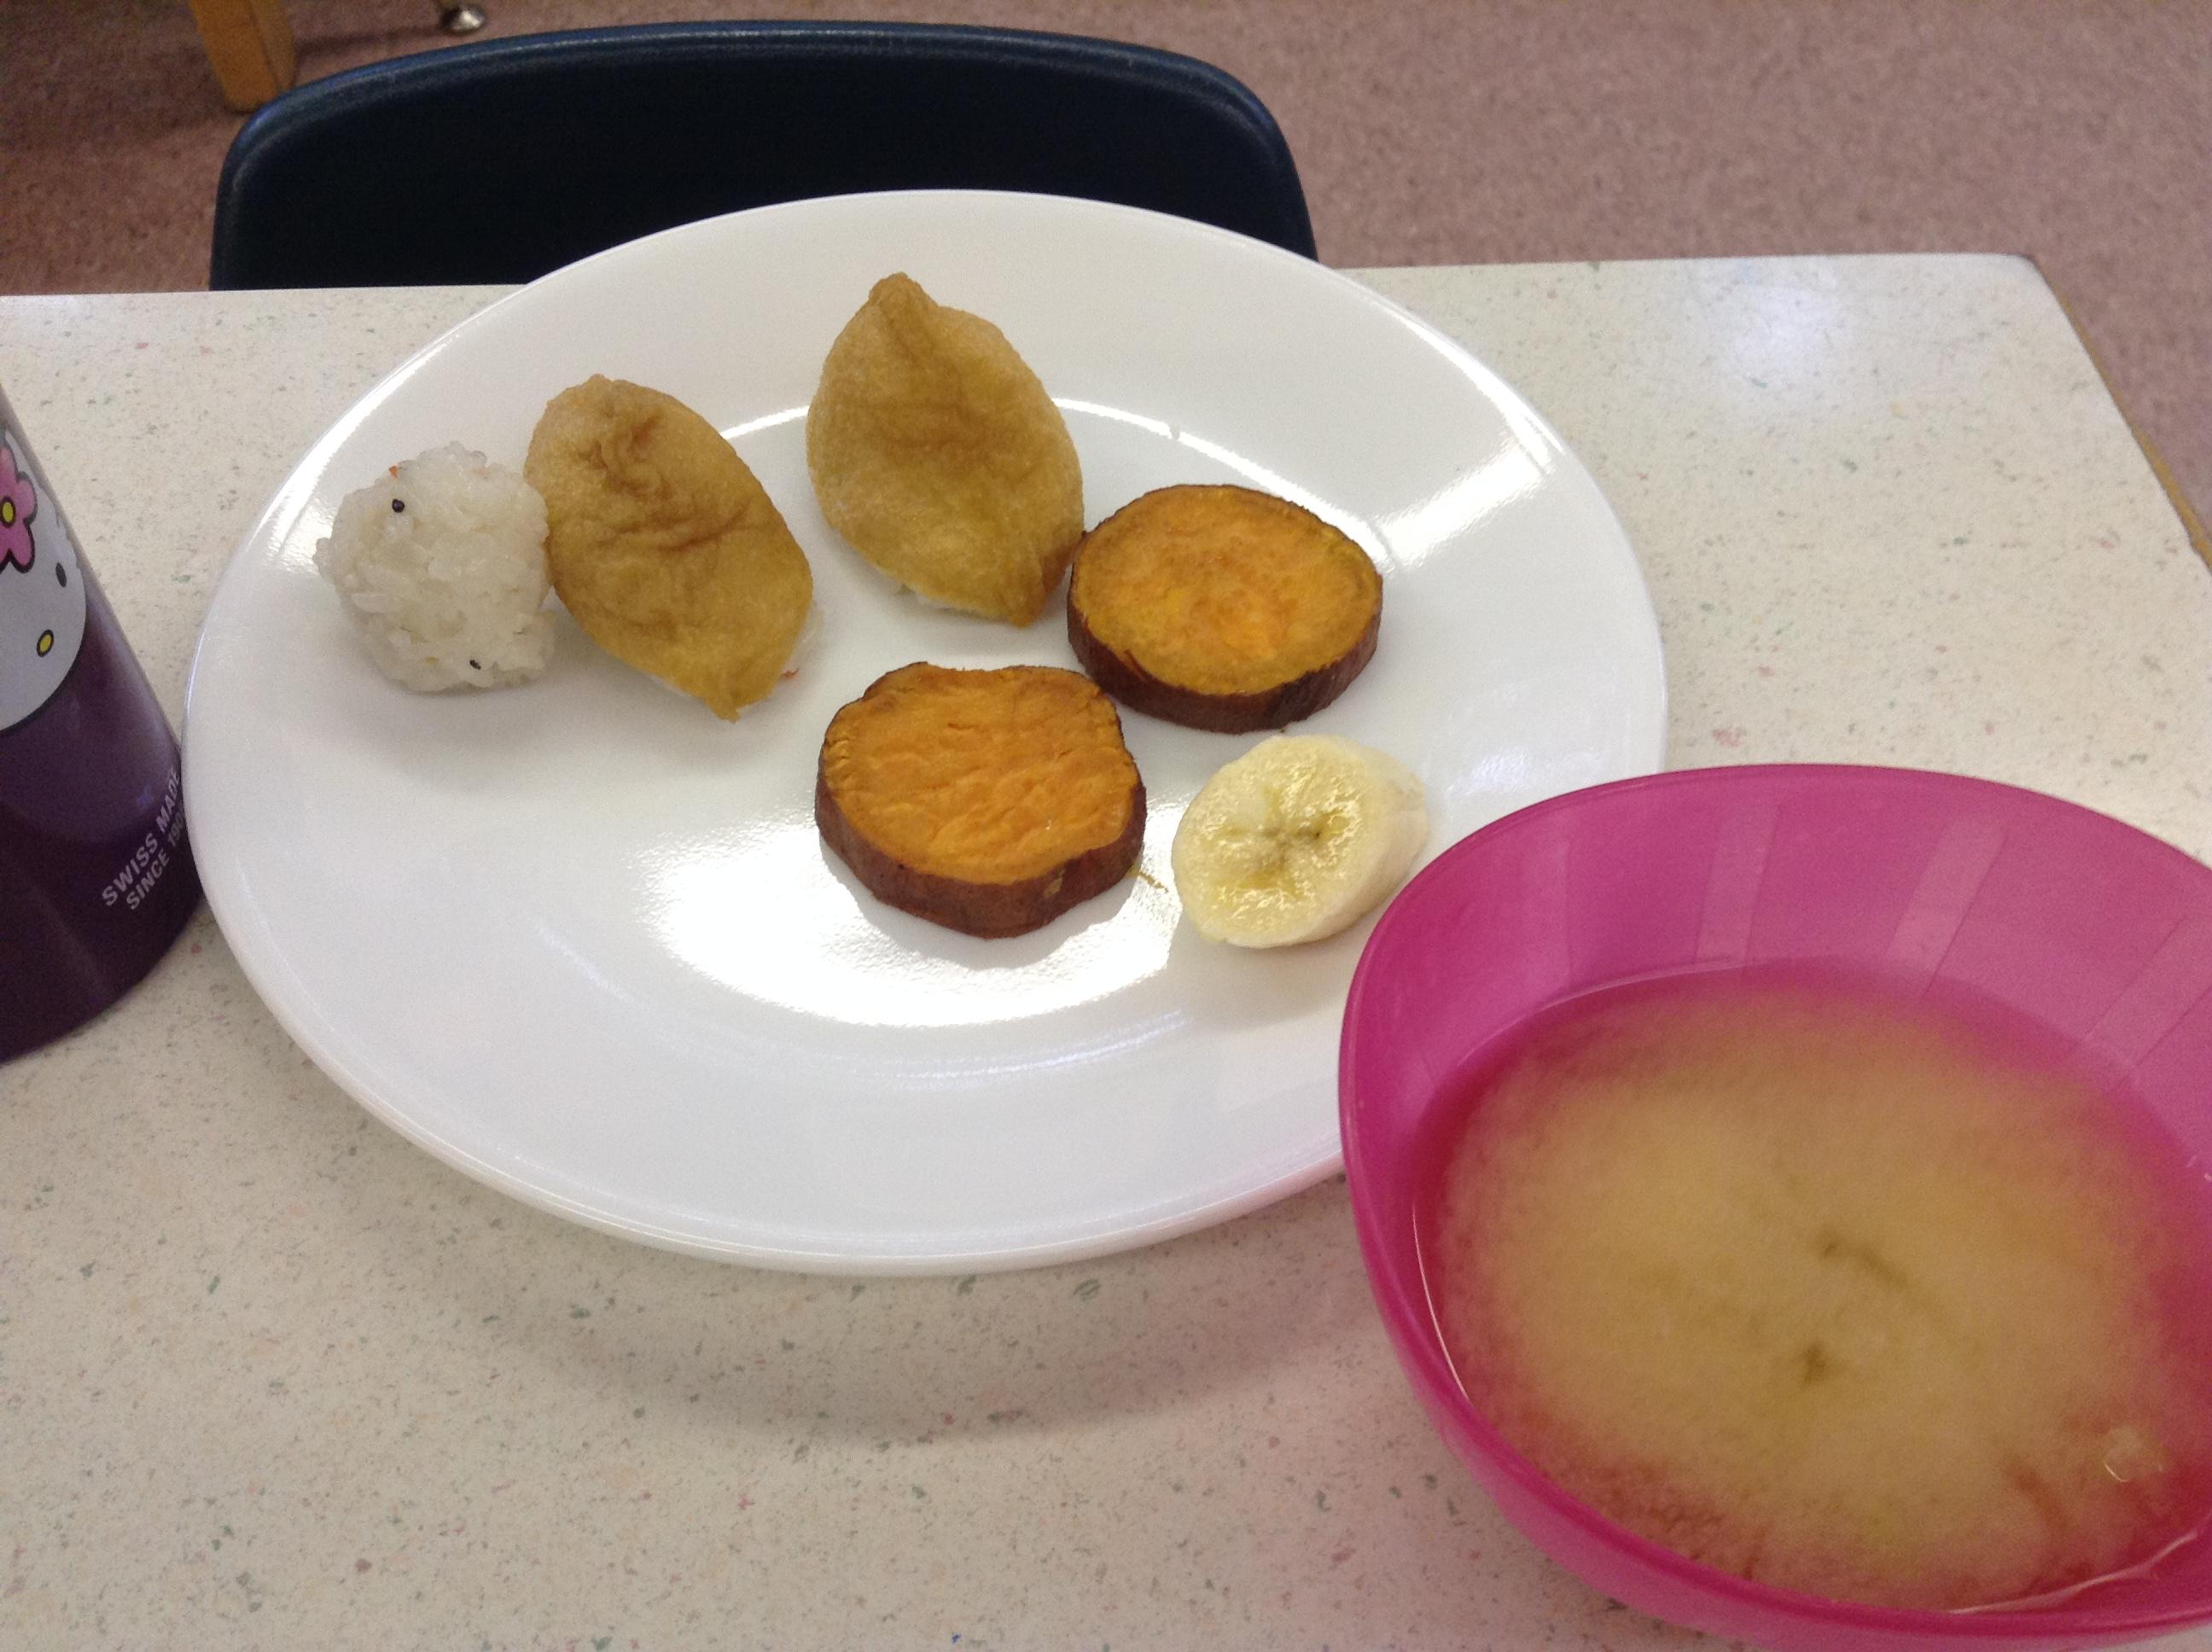 カナダの食育☆「Hot Lunch」の日とは?海外で保育ボランティア